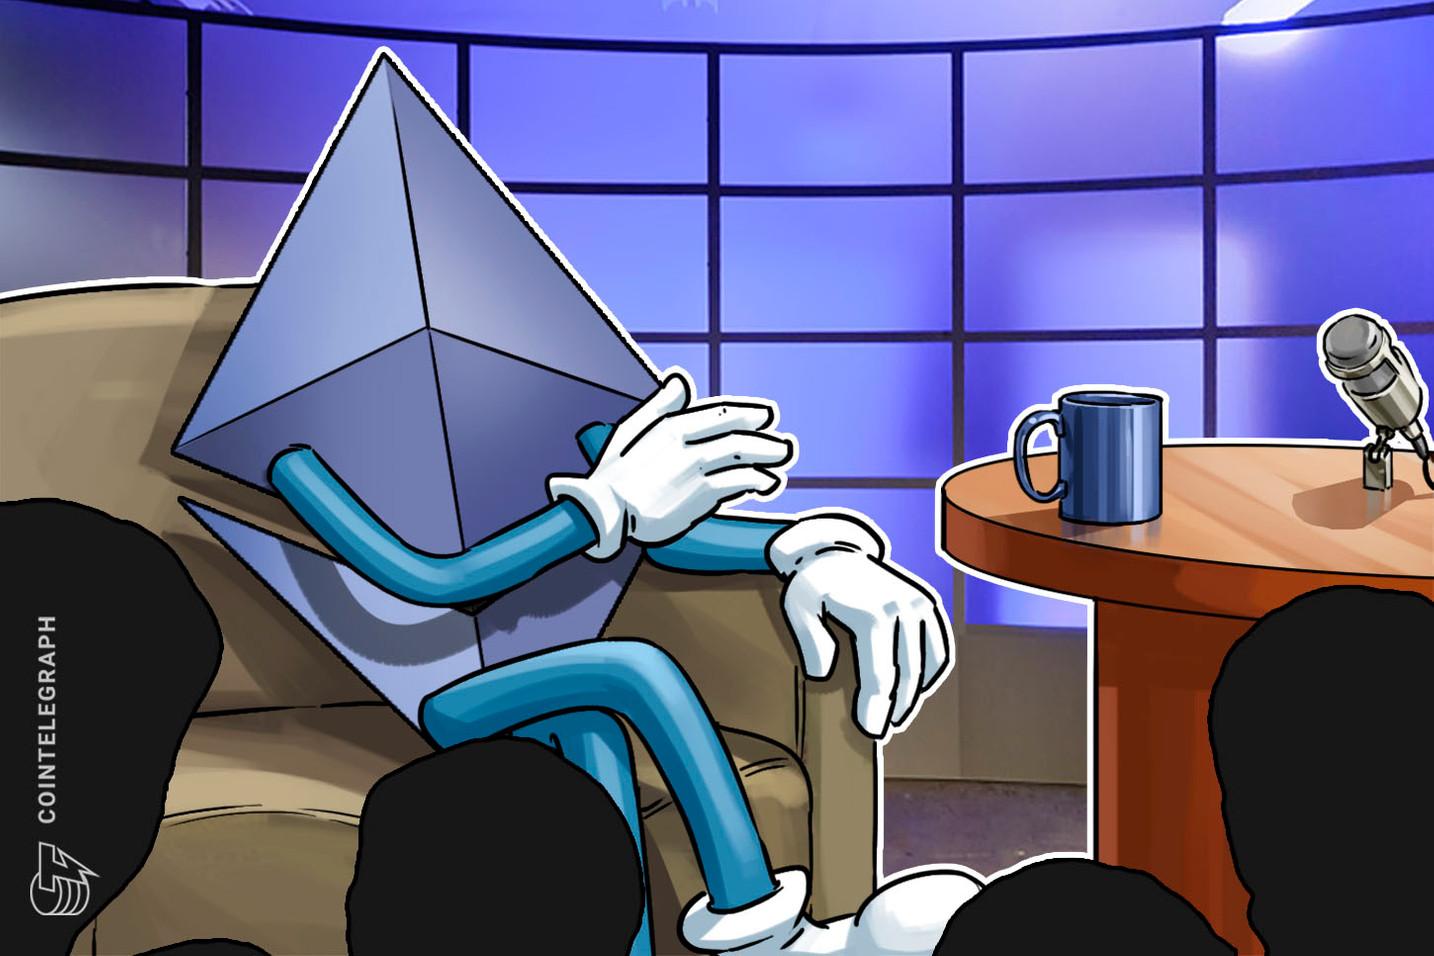 Ethereum Foundation annuncia una sovvenzione di 5 milioni di dollari verso Parity Technologies